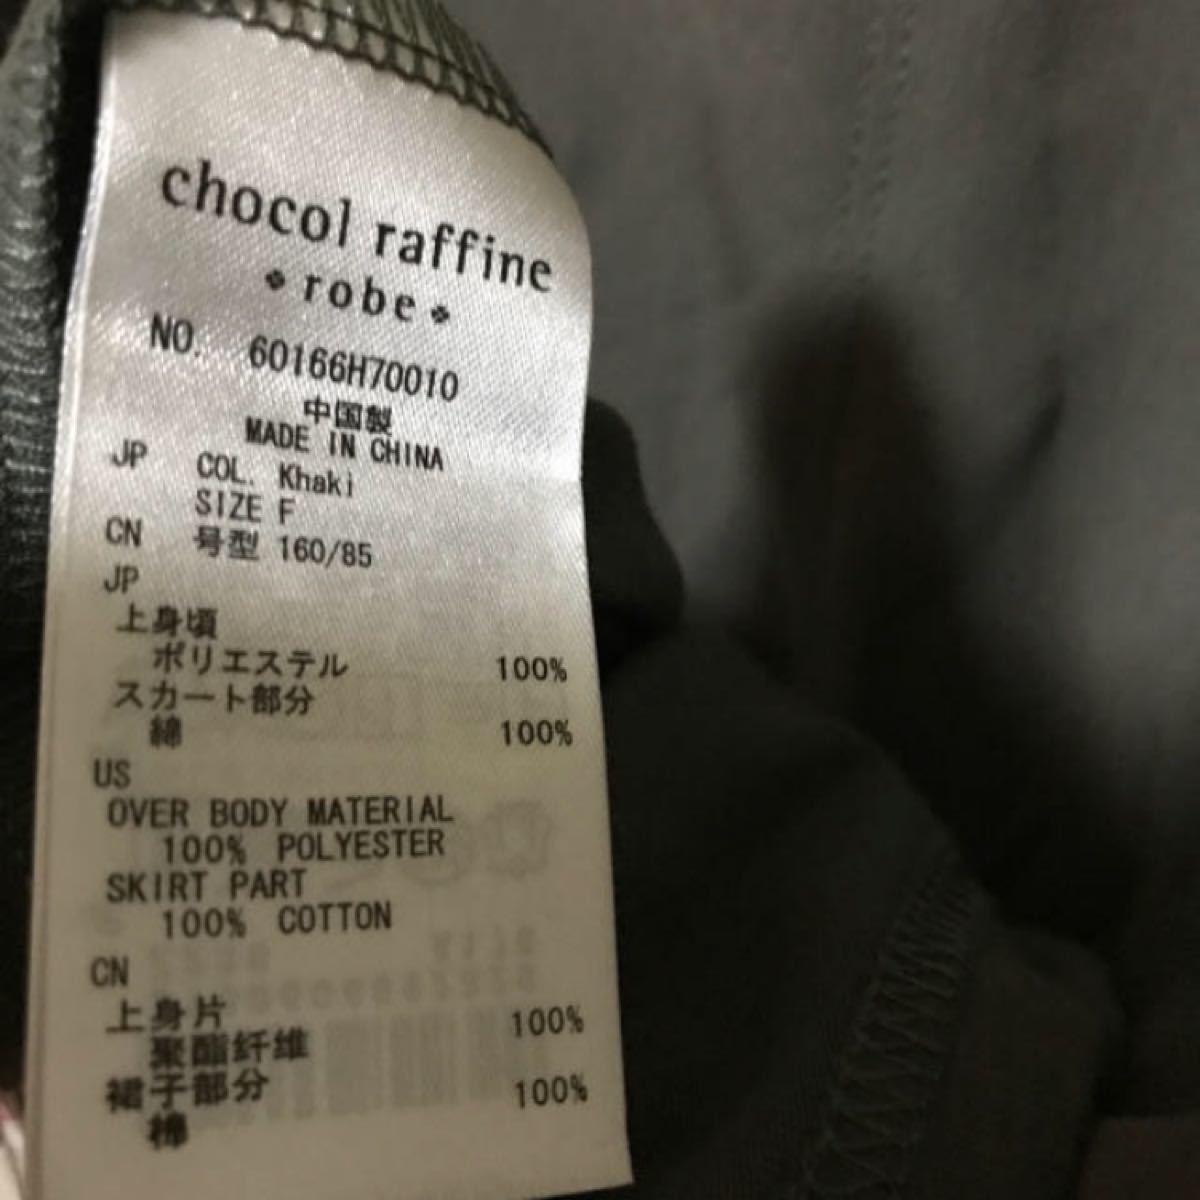 chocol raffine  robe ワンピース